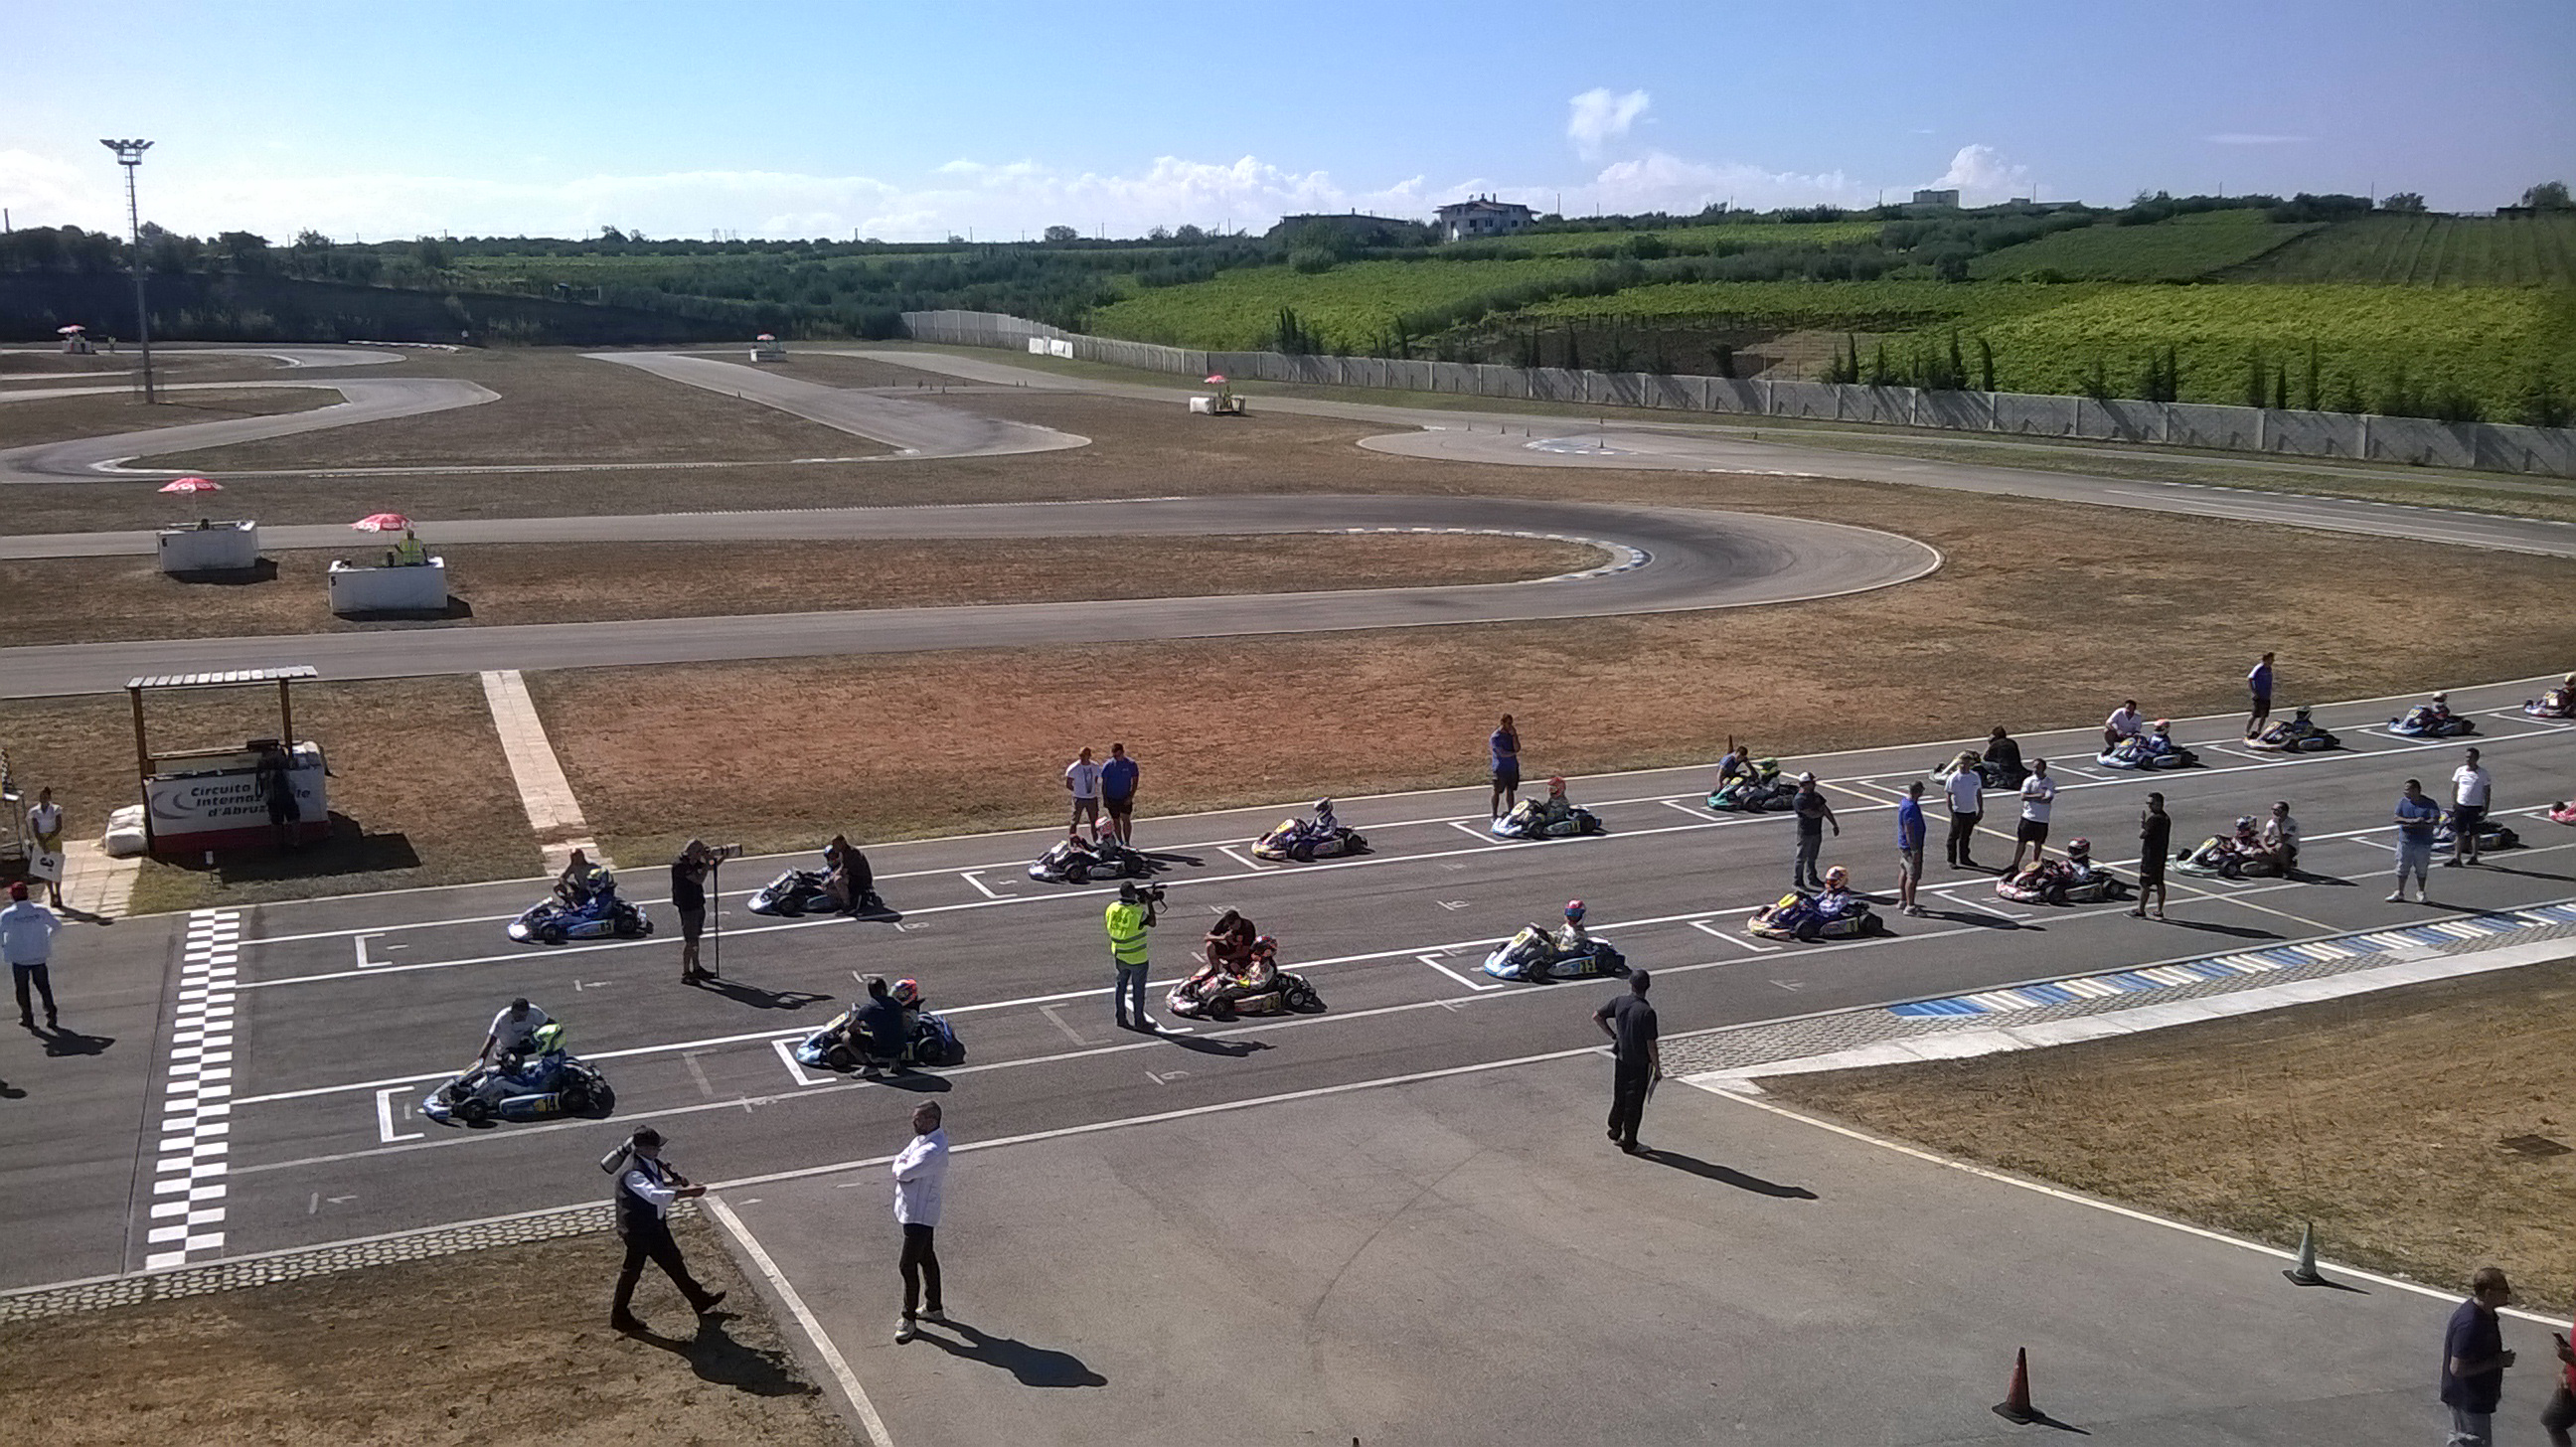 Circuito Ortona : Campionato italiano karting a prova settembre